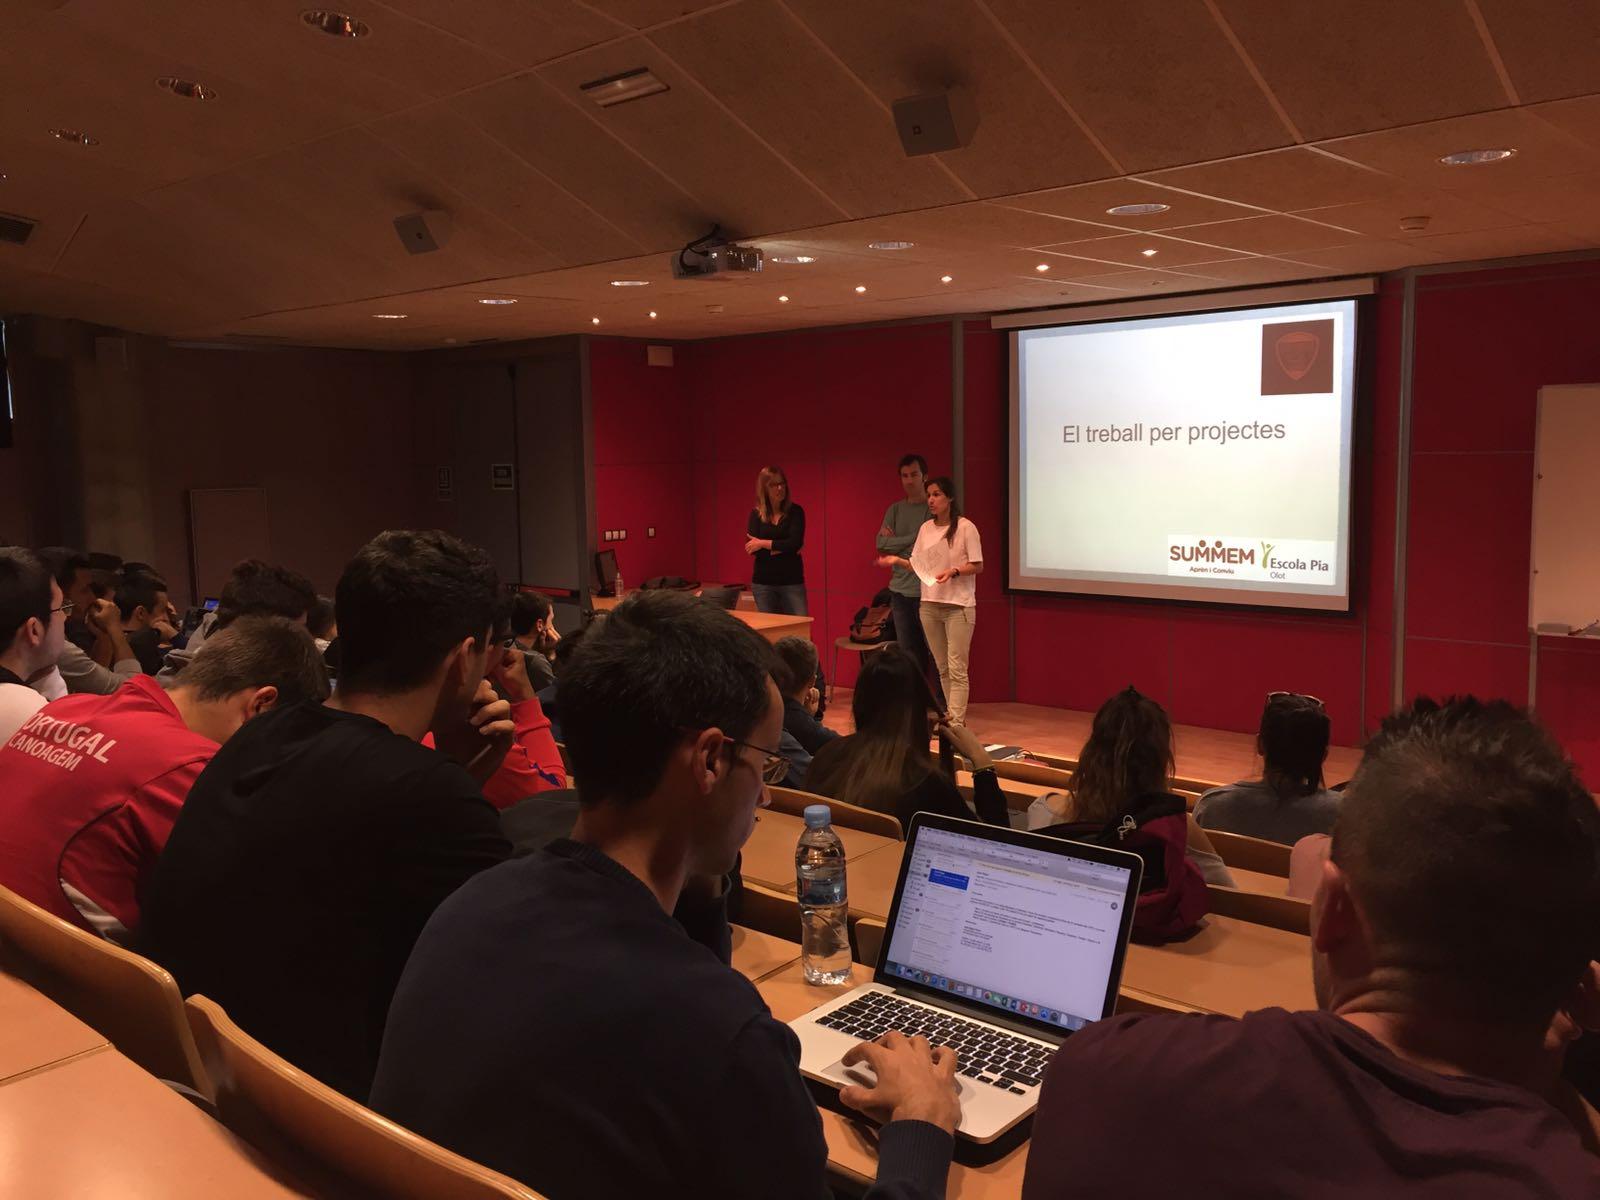 Xerrades a EUSES dels professors Mila Cañas i Faló Garcia als alumnes de 2n de CAFE d'EUSES en el marc de l'assignatura de Programació de l'Ensenyança en el sistema educatiu